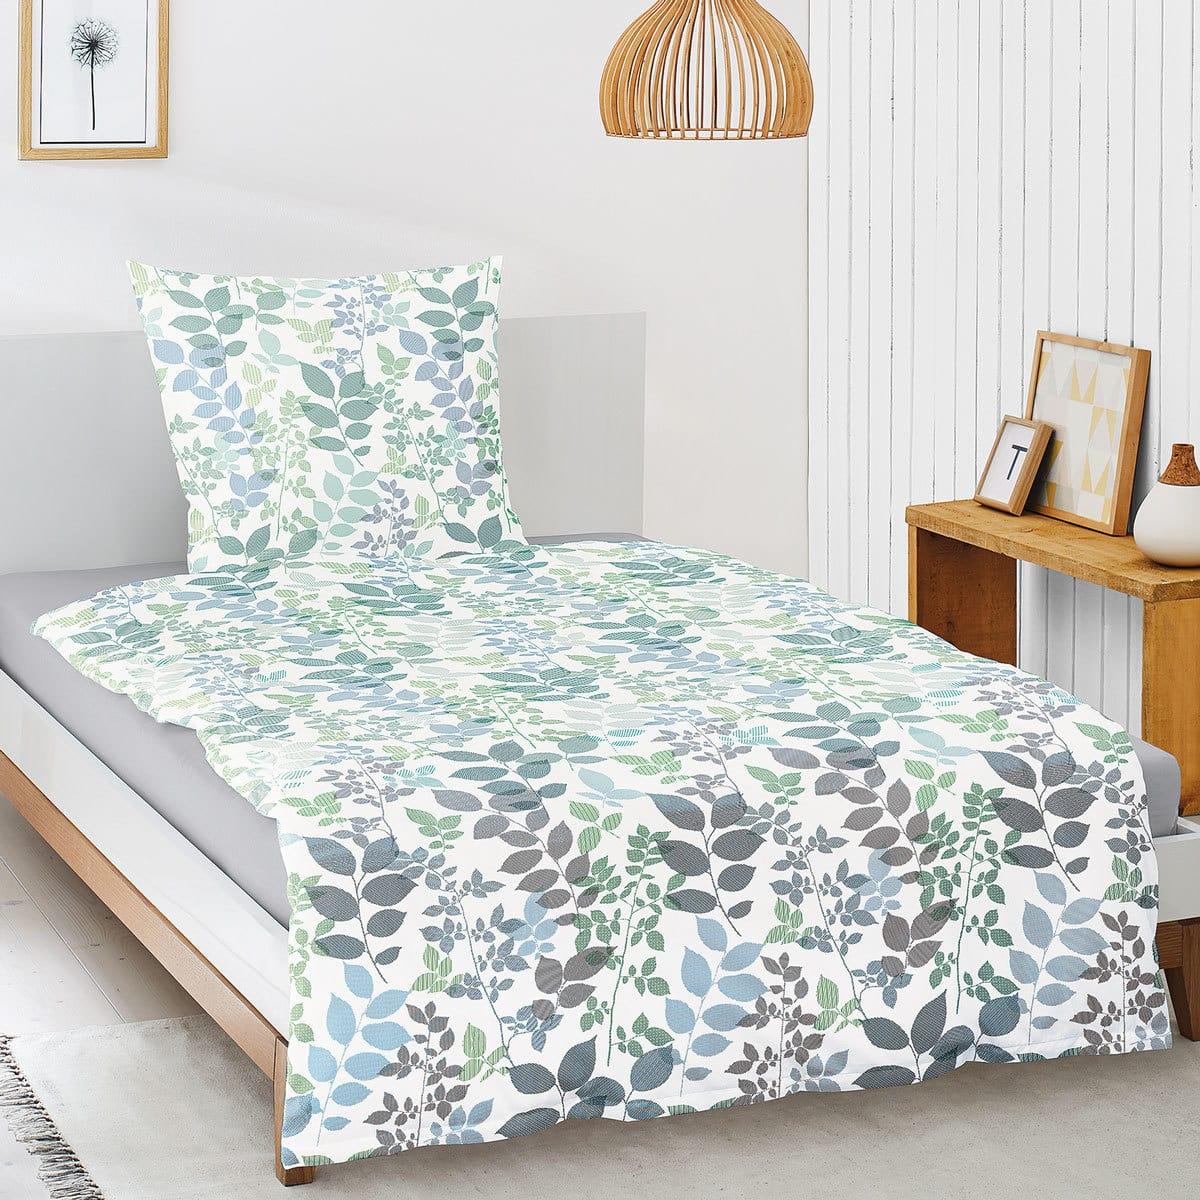 Irisette Jersey Bettwäsche Luna 8053 30 Günstig Online Kaufen Bei